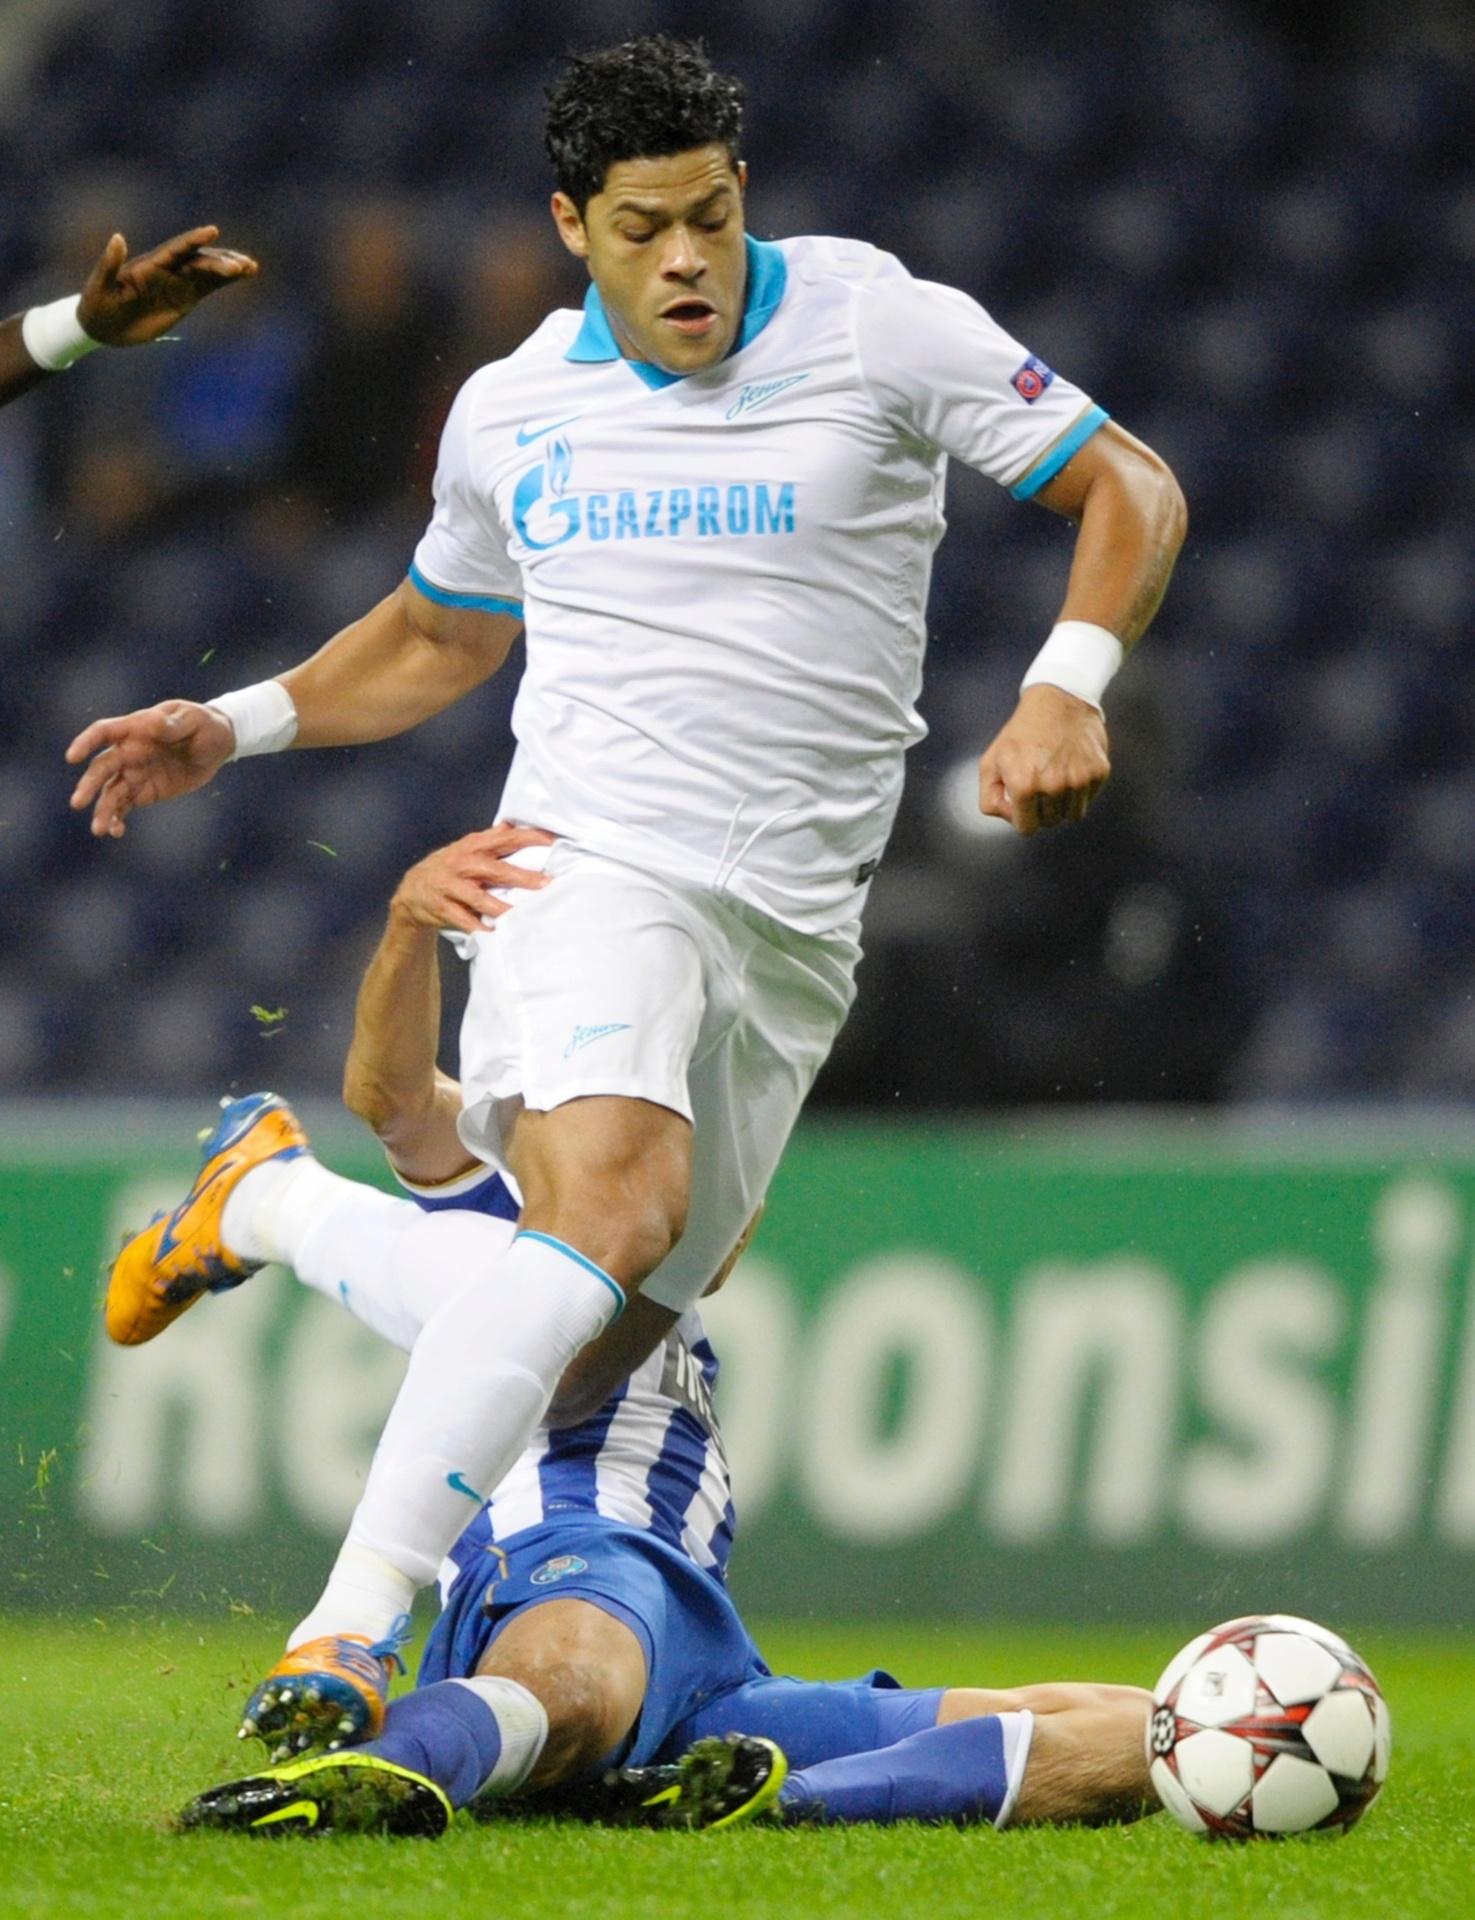 22.out.2013 - Hulk, do Zenit, tenta escapar da marcação em seu reencontro com o Porto